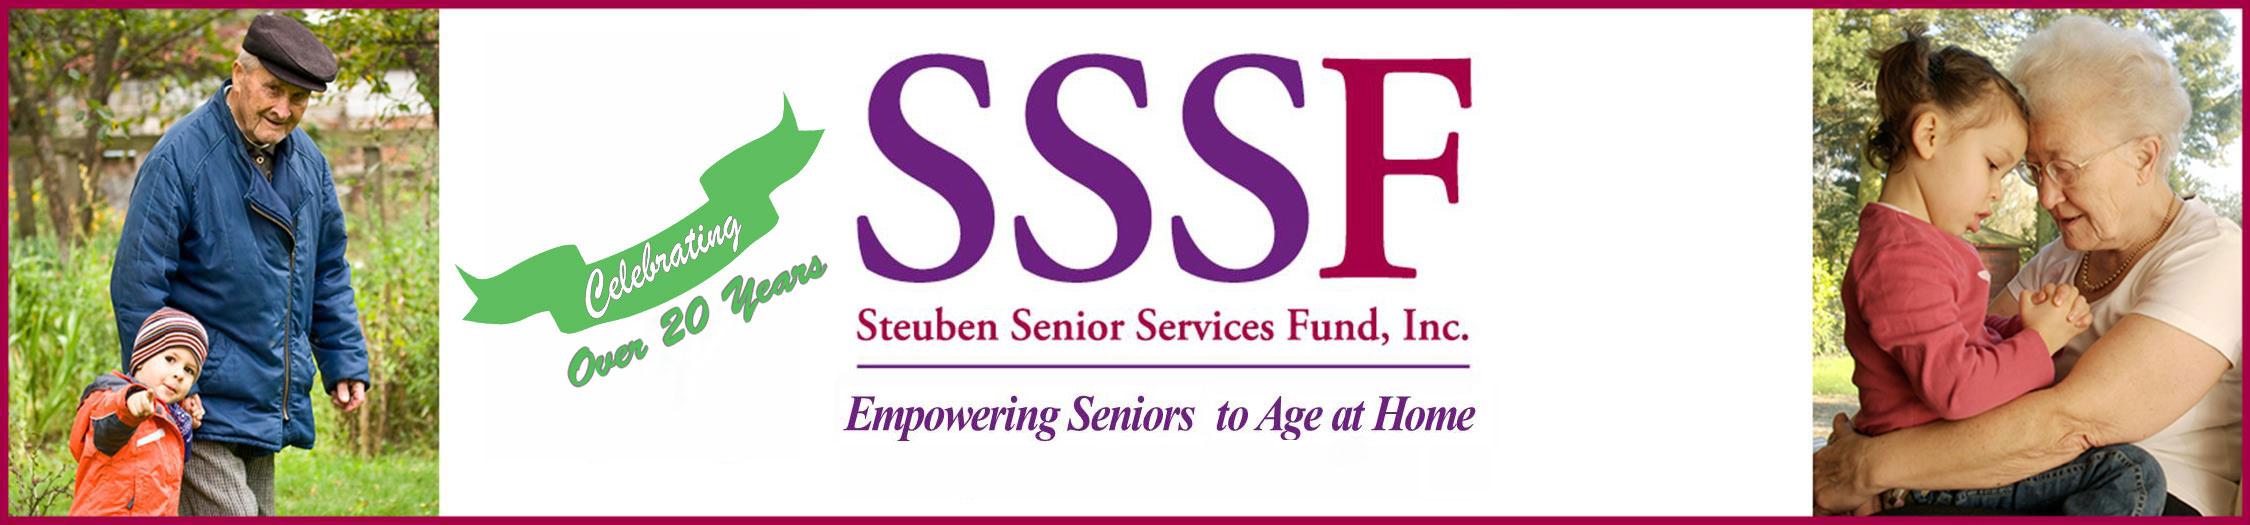 Steuben Senior Services Fund